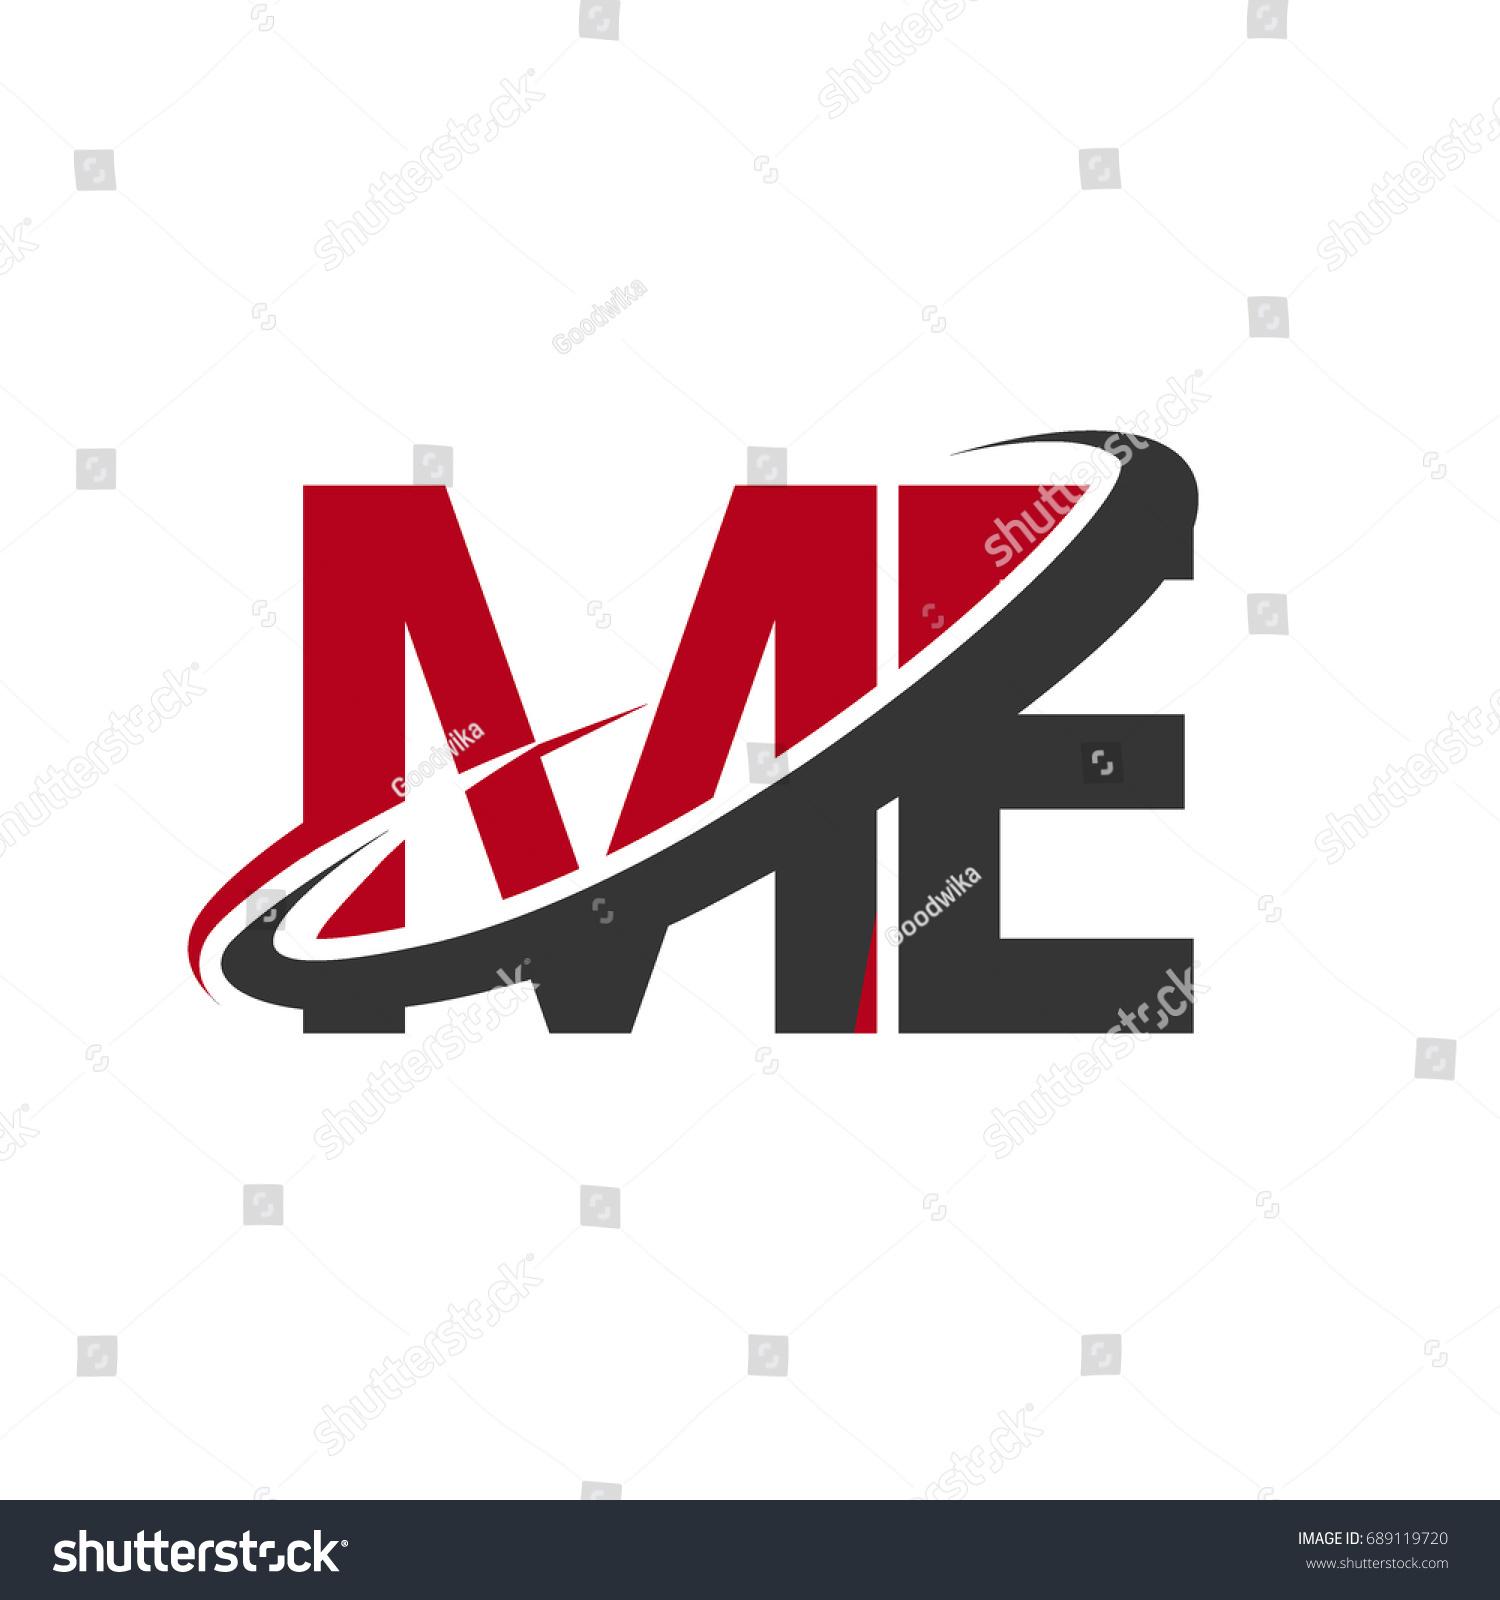 Neuer Name, aber kein neues Logo?! Red Bull kauft ...  Red N Logo Name